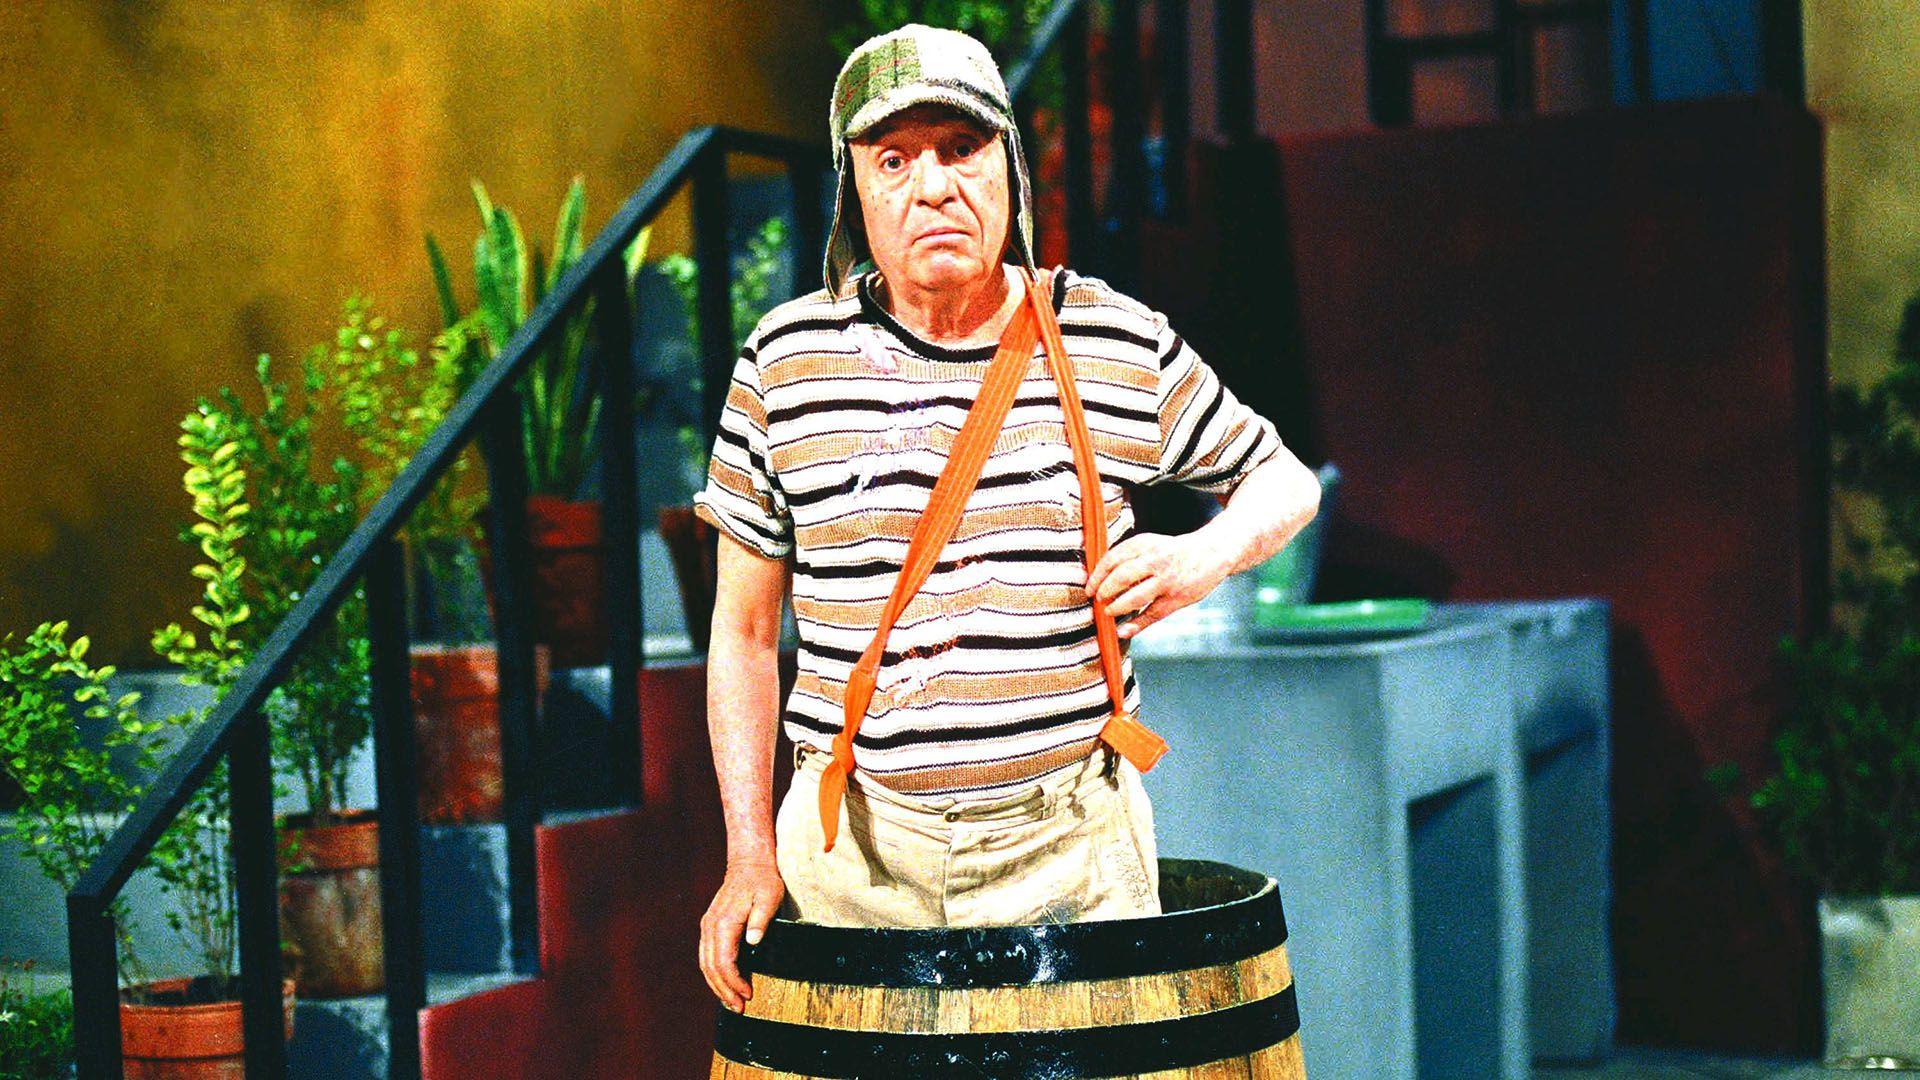 Roberto Gómez Bolaños, El Chavo del 8 (Zuma Press/The Grosby Group)